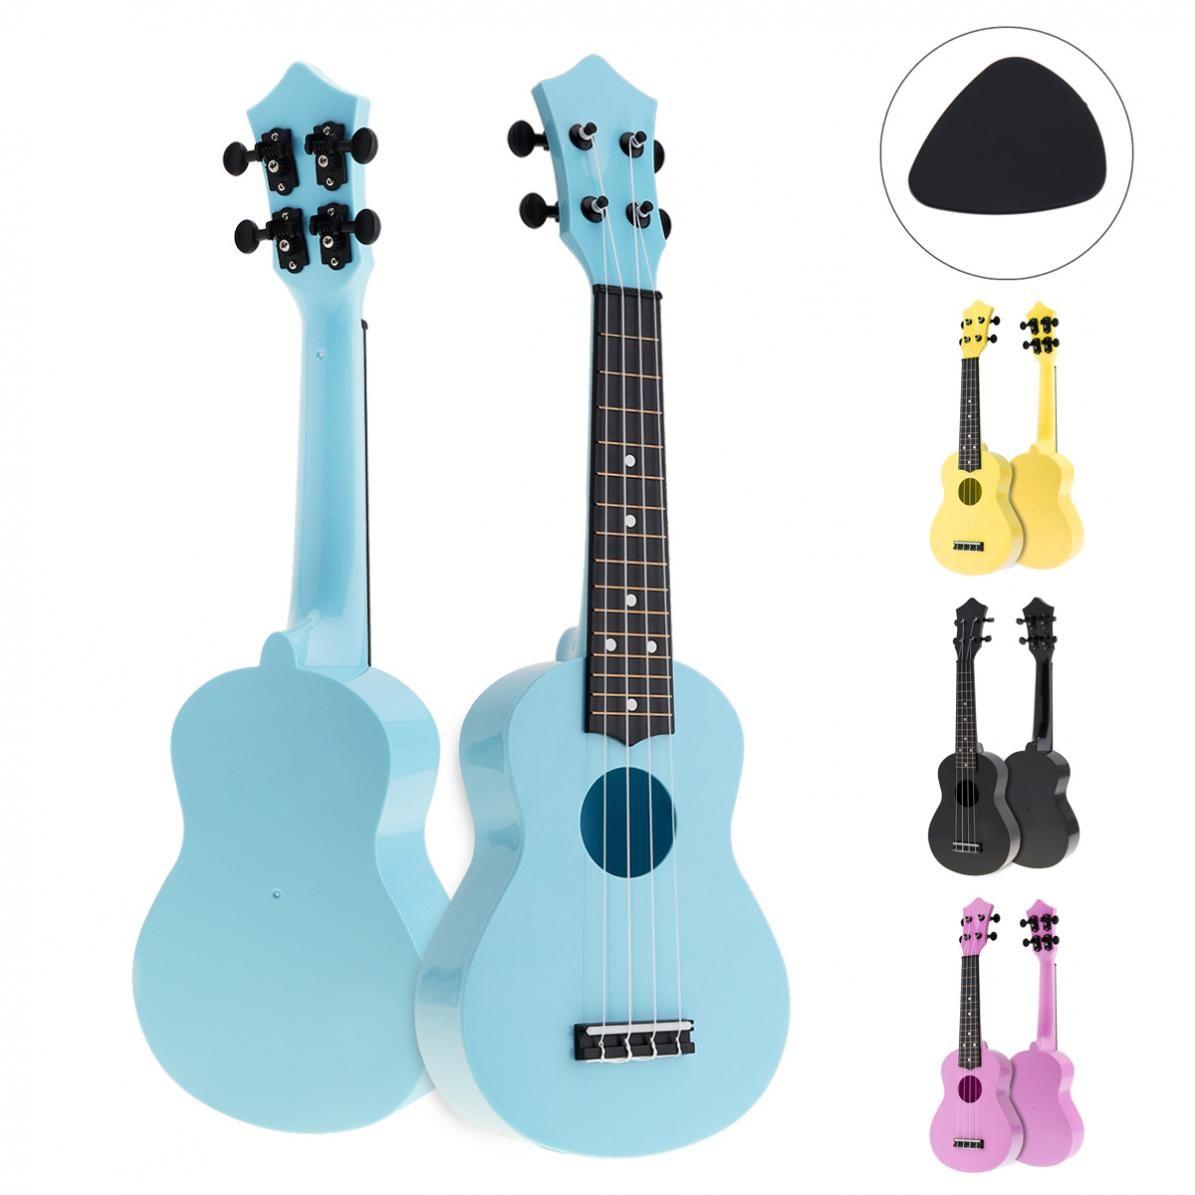 21 pouces coloré ukulélé acoustique Uke 4 cordes Hawaii guitare Guitarra Musica Instrument pour enfants et débutant de musique